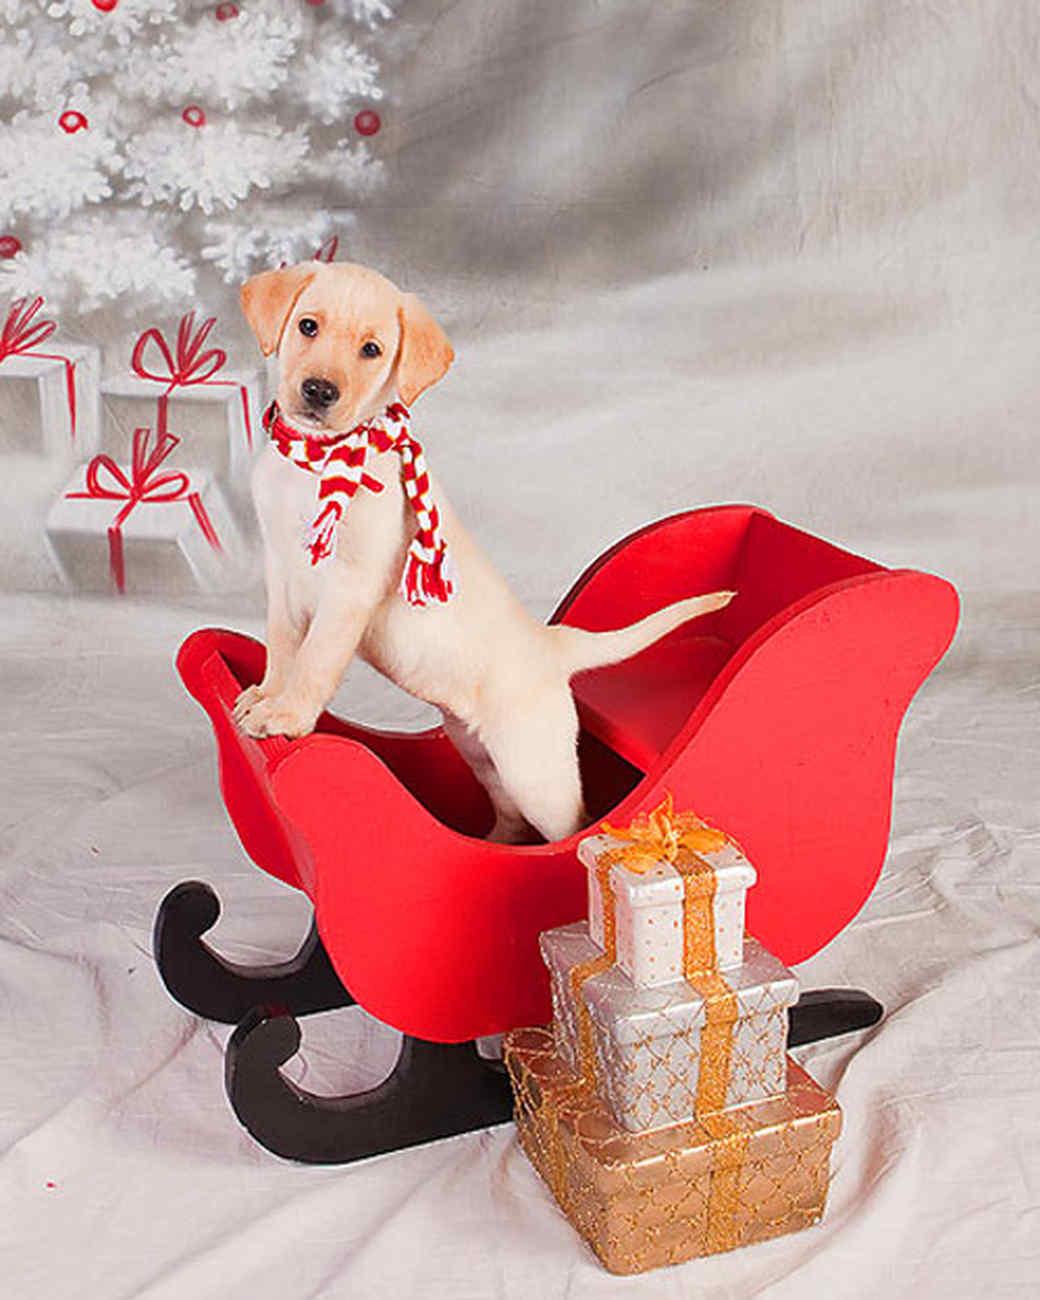 pets_ugc_santa_11661002_20988945.jpg